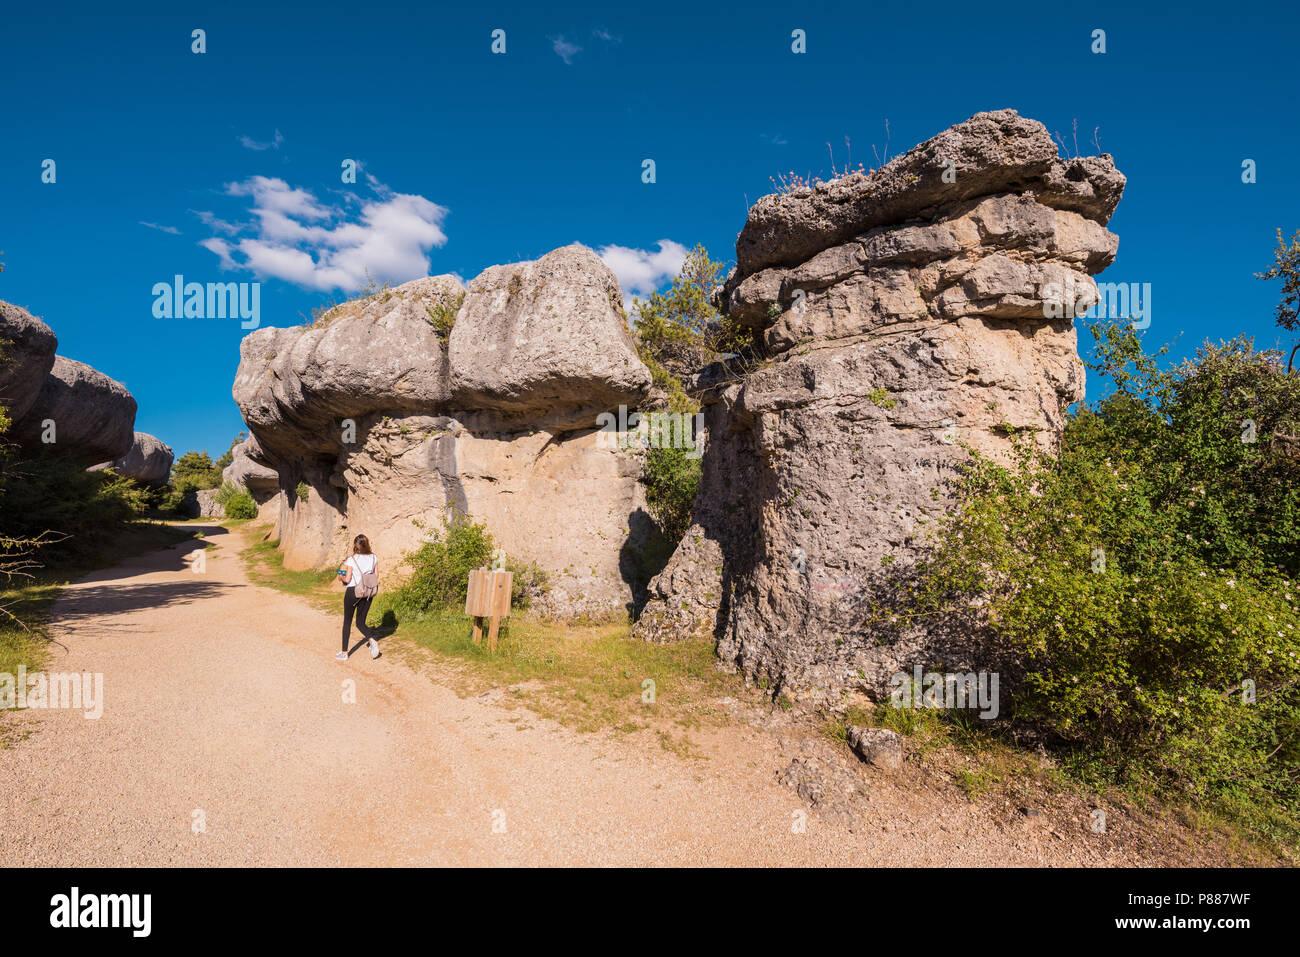 La Ciudad encantada. The enchanted city natural park, group of crapicious forms limestone rocks in Cuenca, Spain. - Stock Image